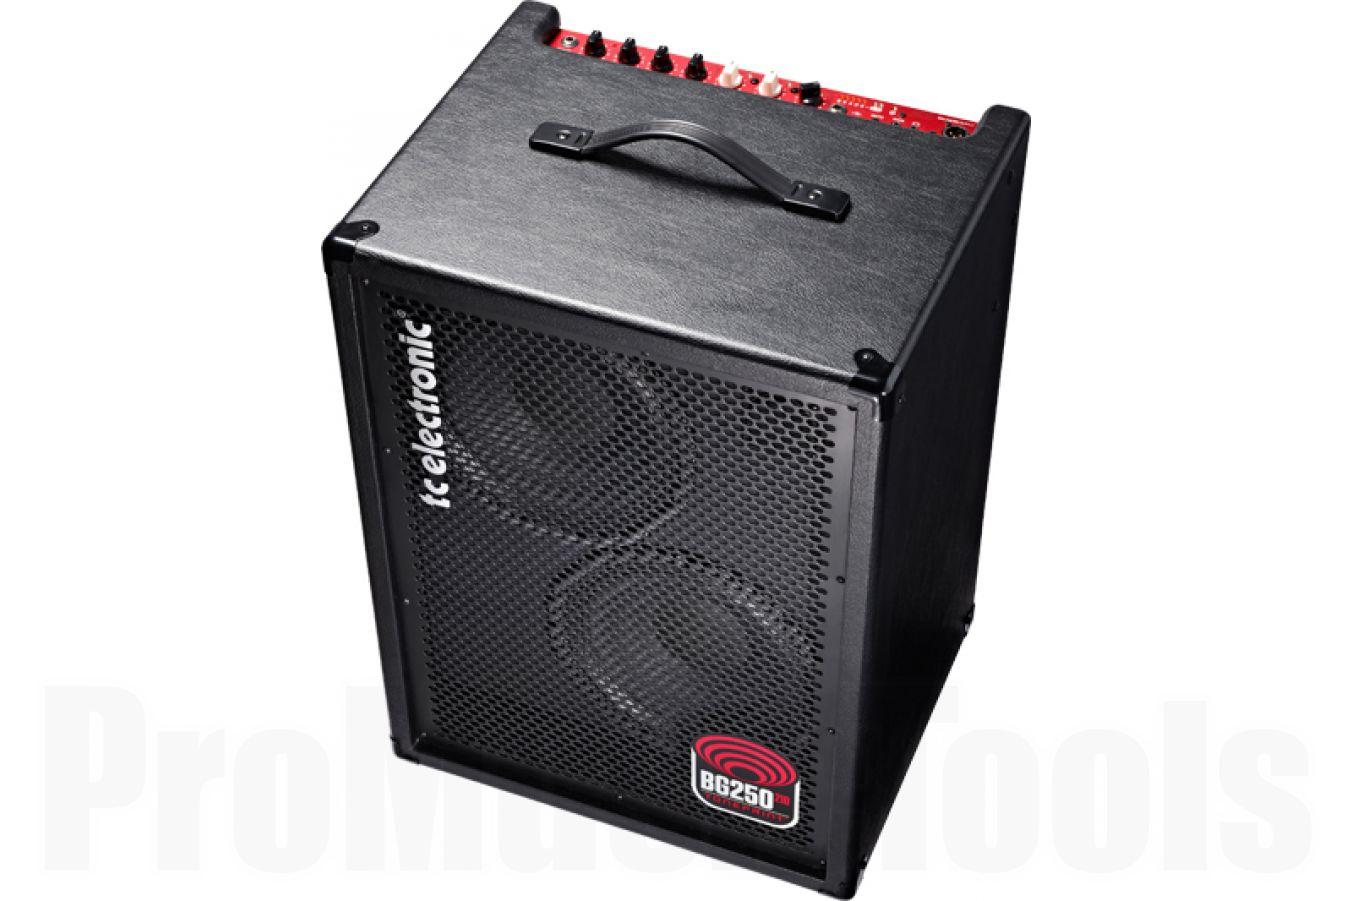 TC Electronic BG250-210 Bass Combo - b-stock (1x opened box)